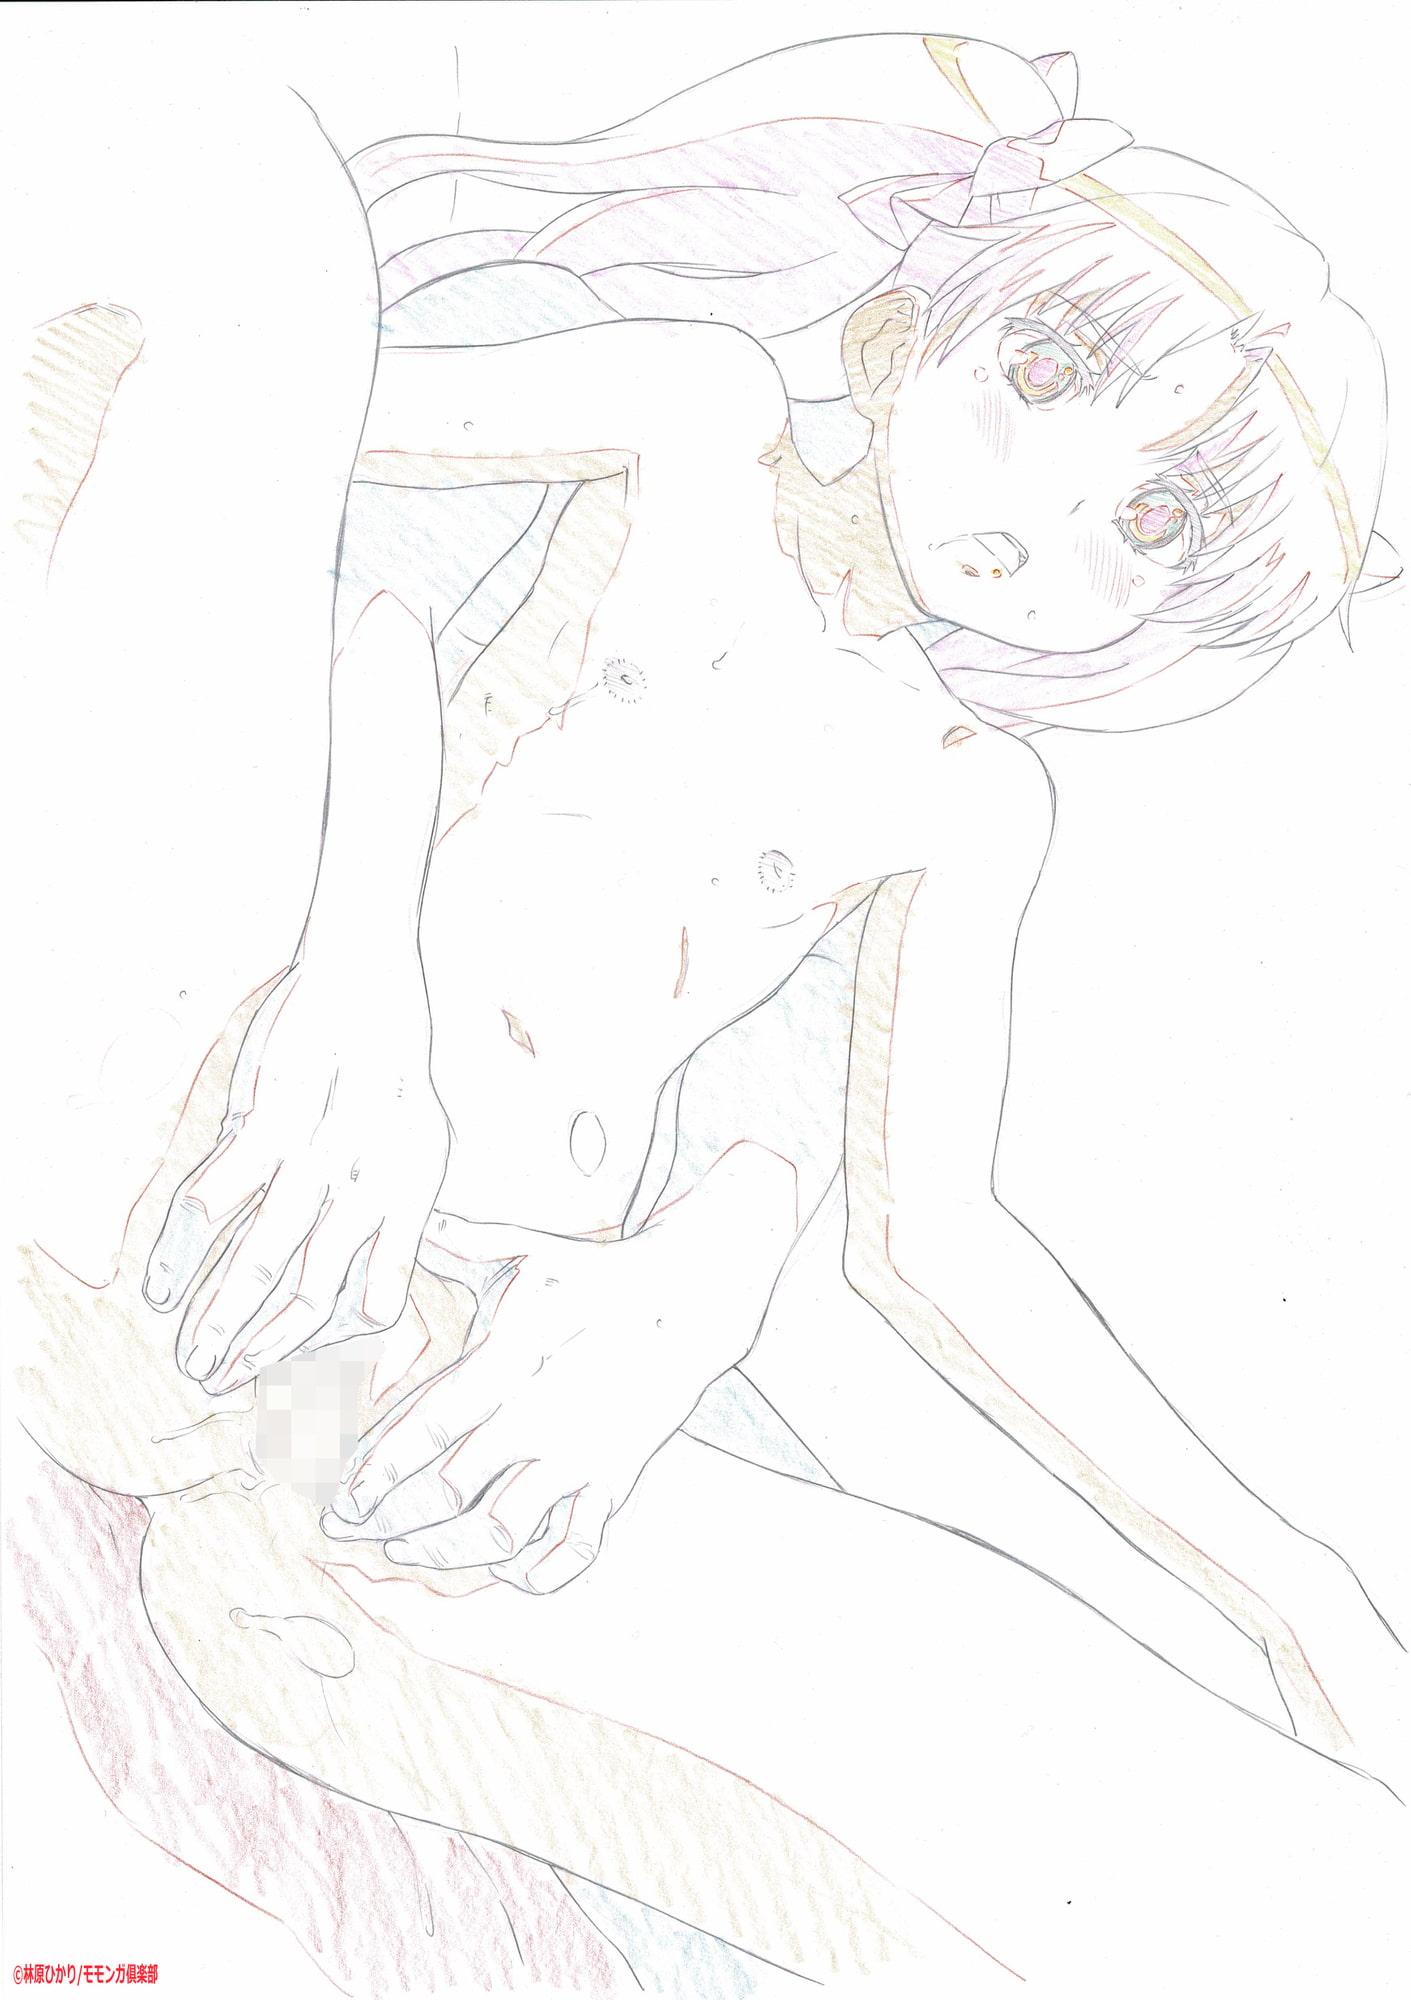 アニパロらふ原画集 vol.F